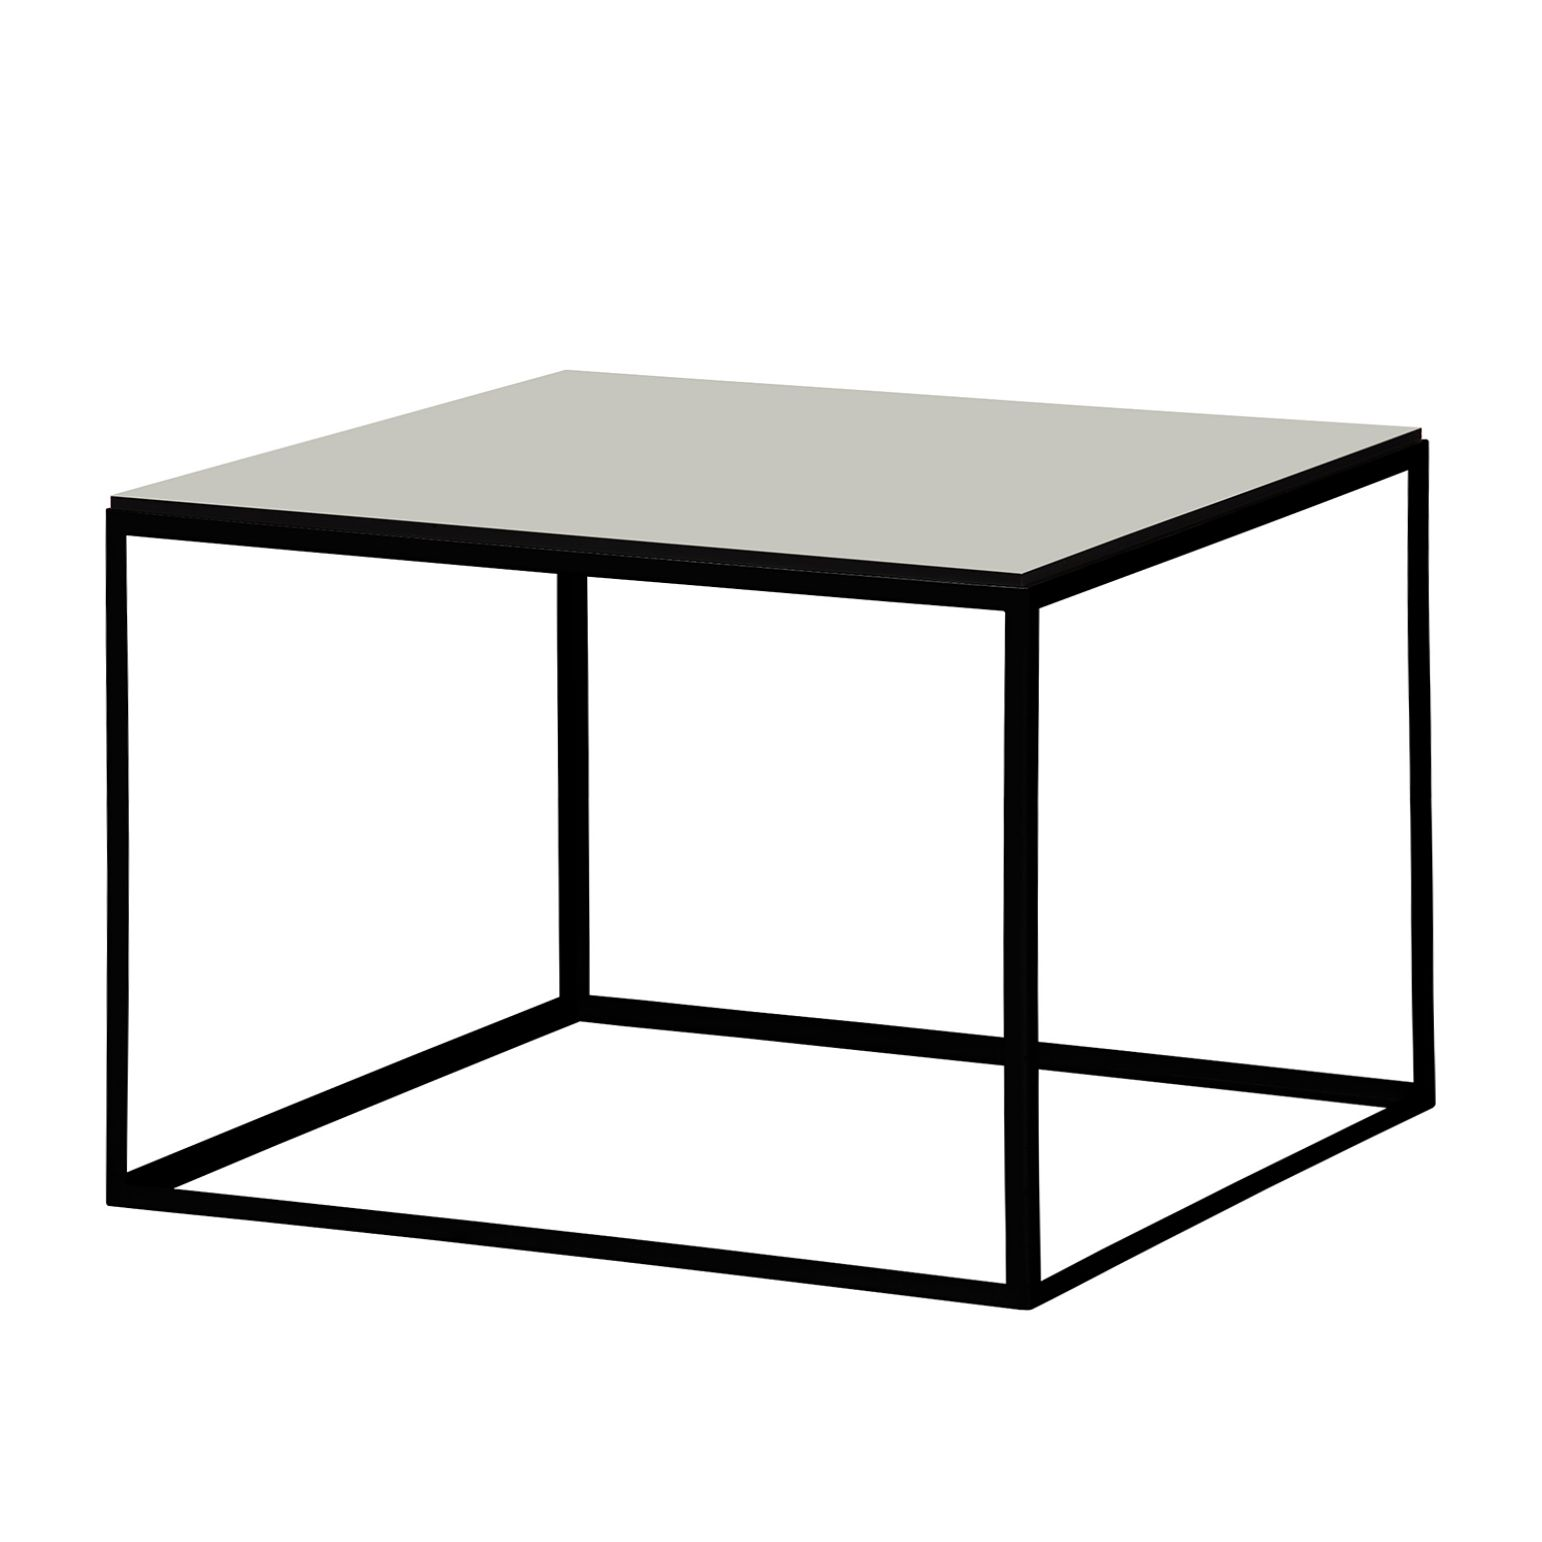 Table d'appoint Piet I - Blanc suédois / Noir, Studio Copenhagen